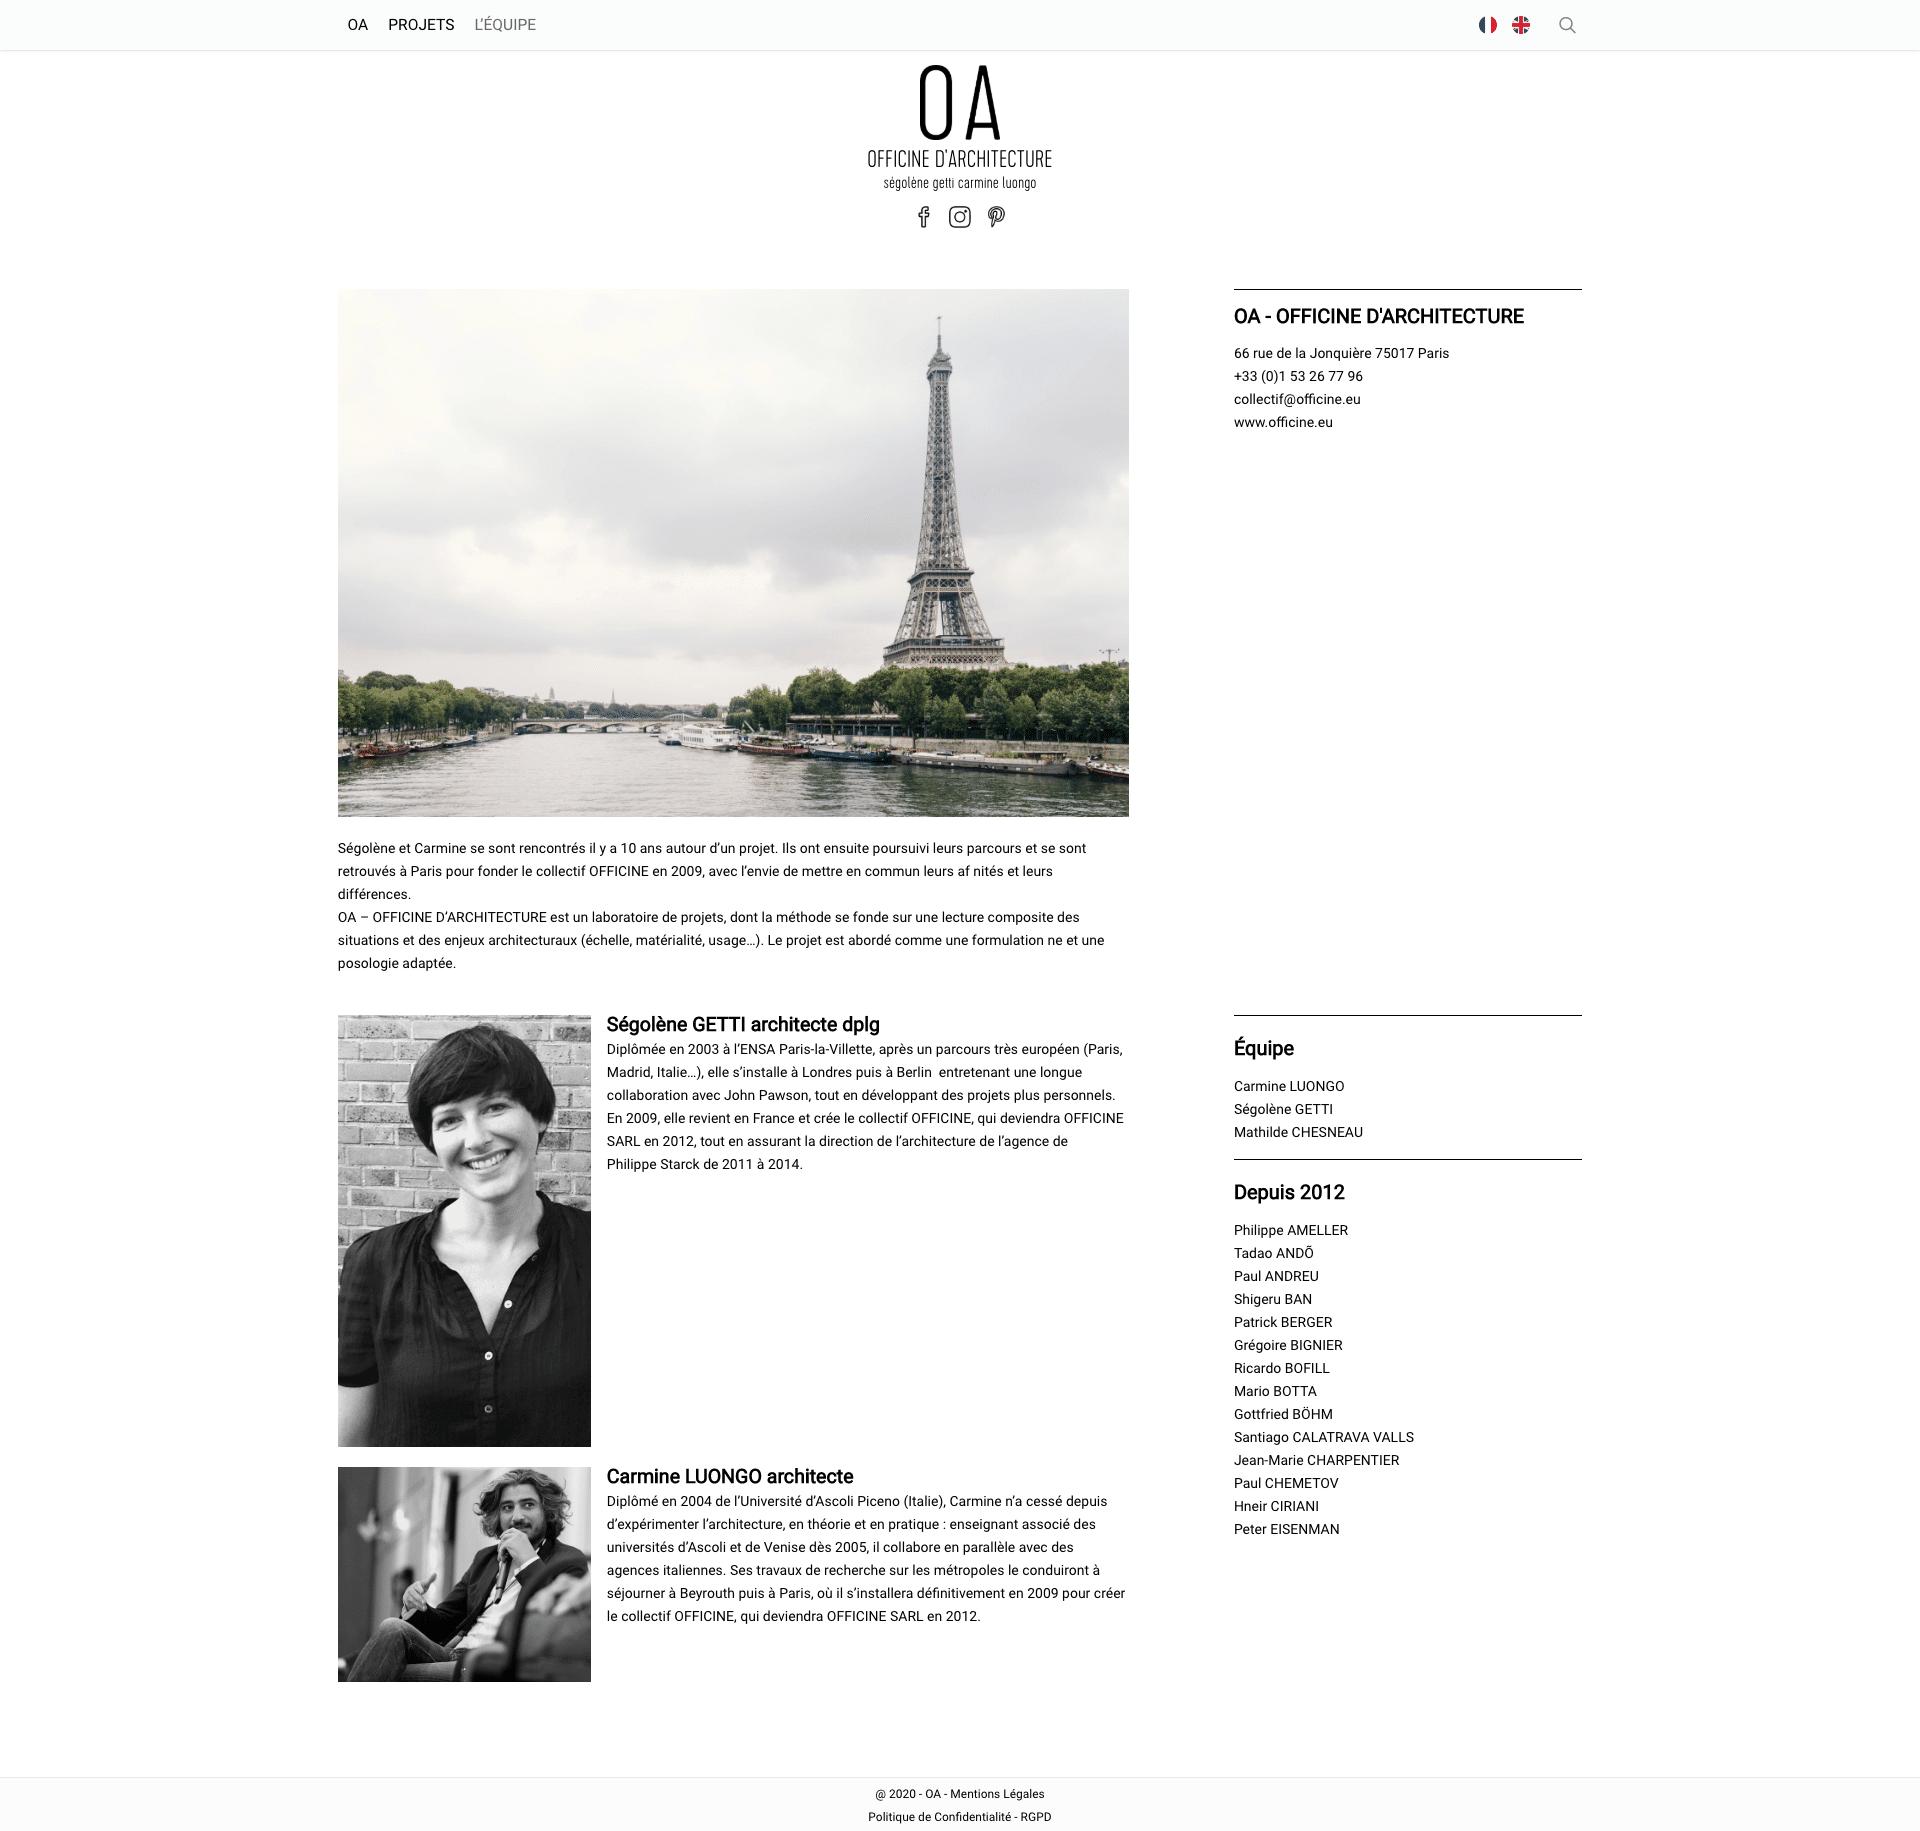 OA - Officine Architecture - Equipe